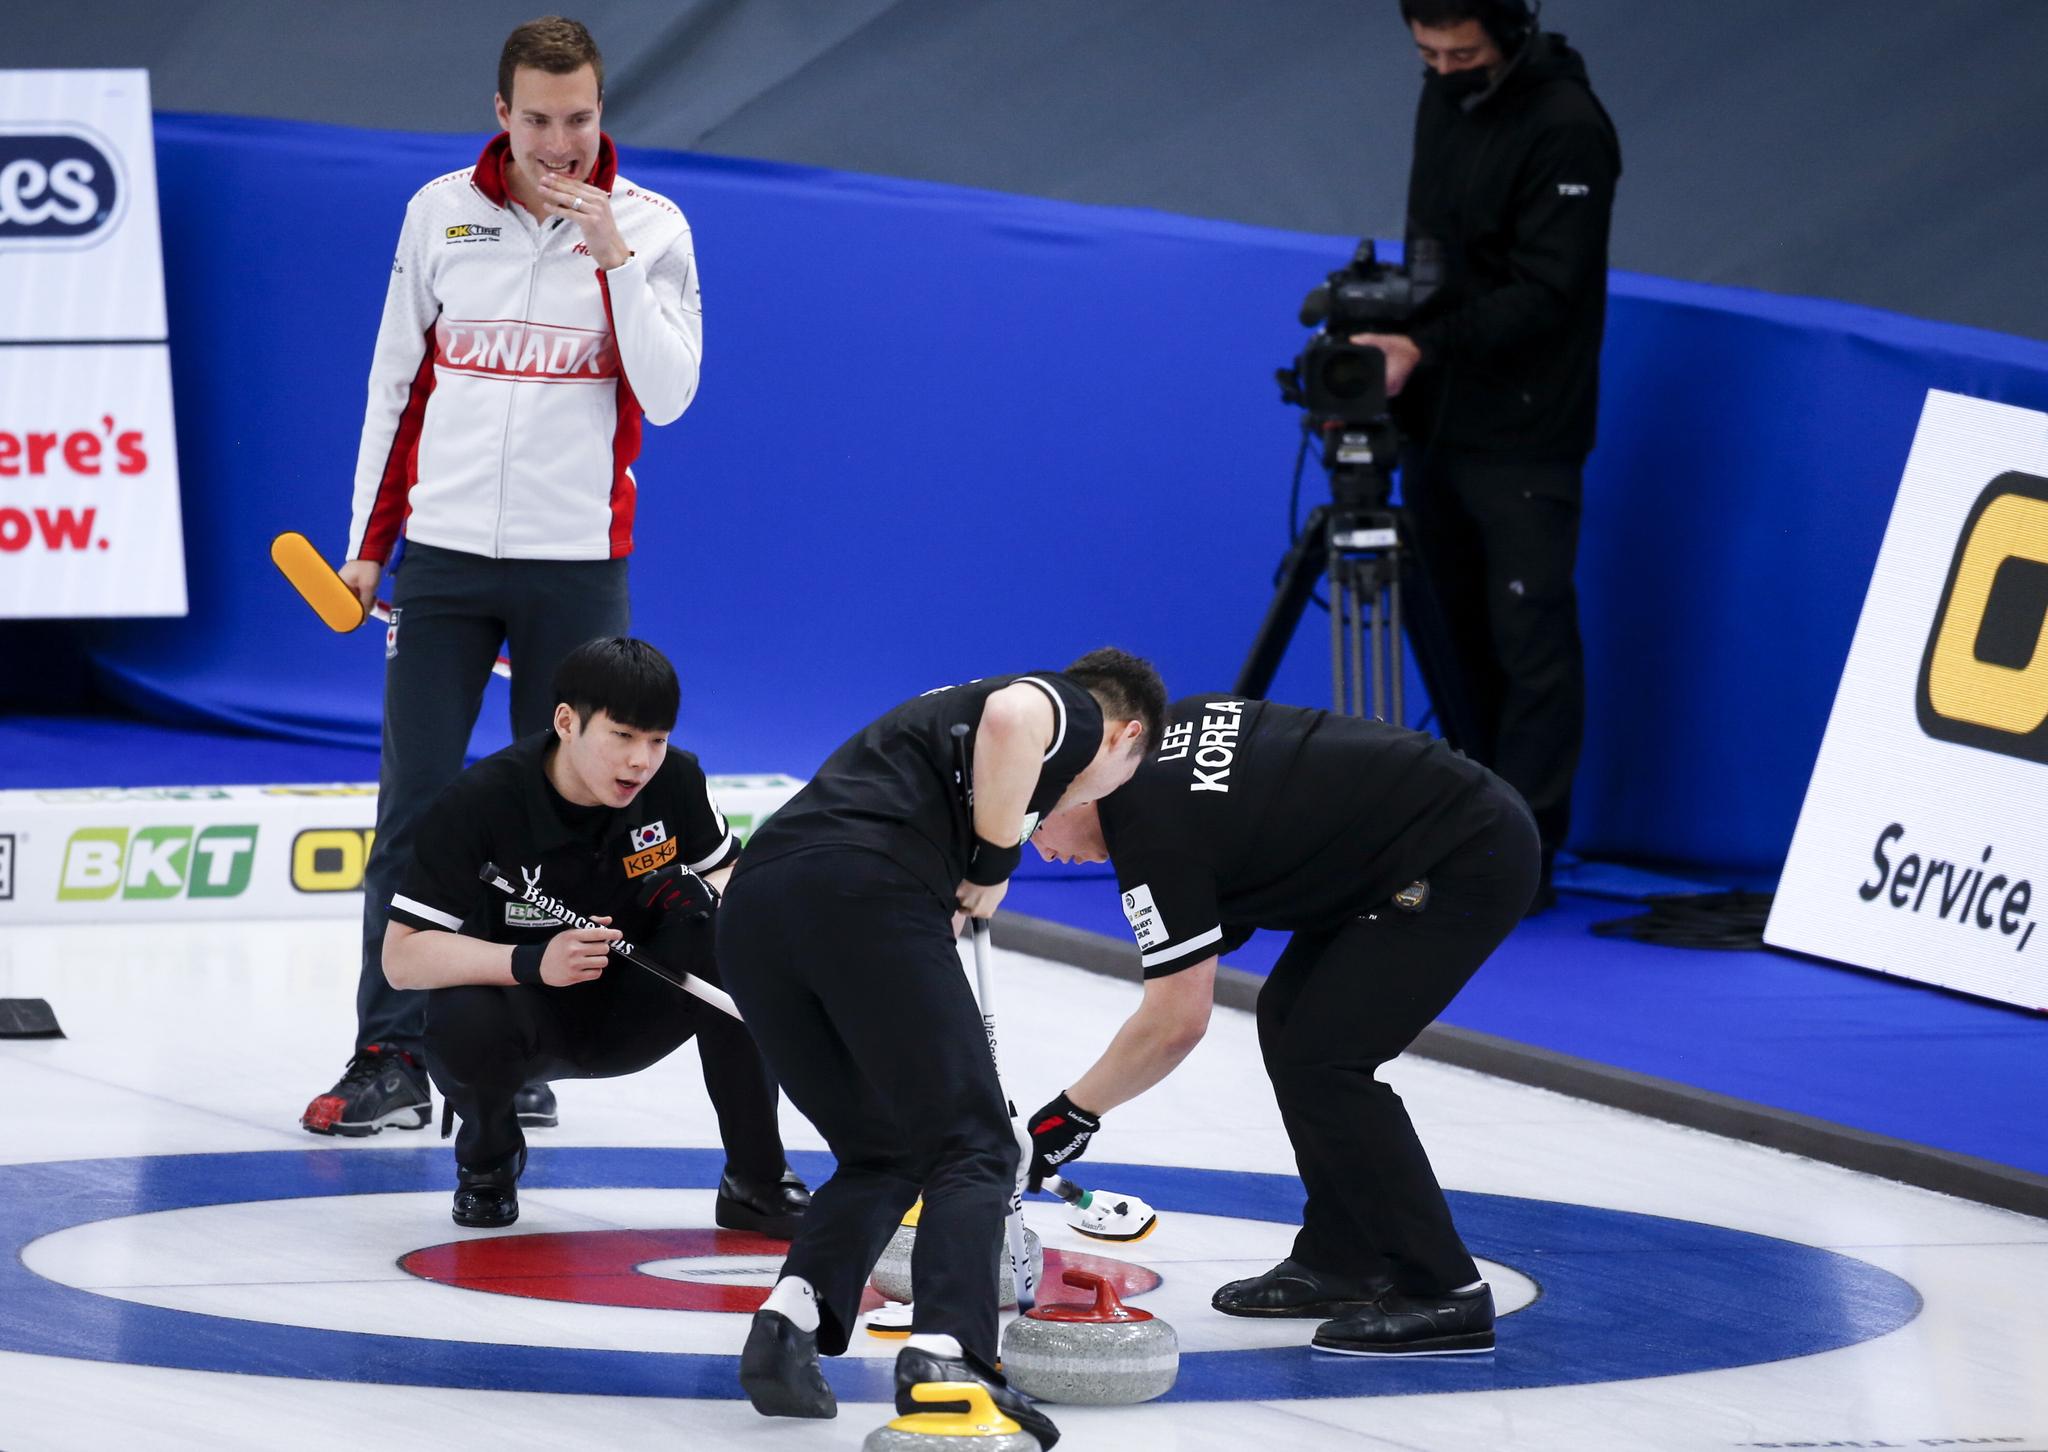 한국남자컬링대표팀이 6일 세계선수권에서 캐나다를 꺾는 이변을 연출했다. [AP=연합뉴스]